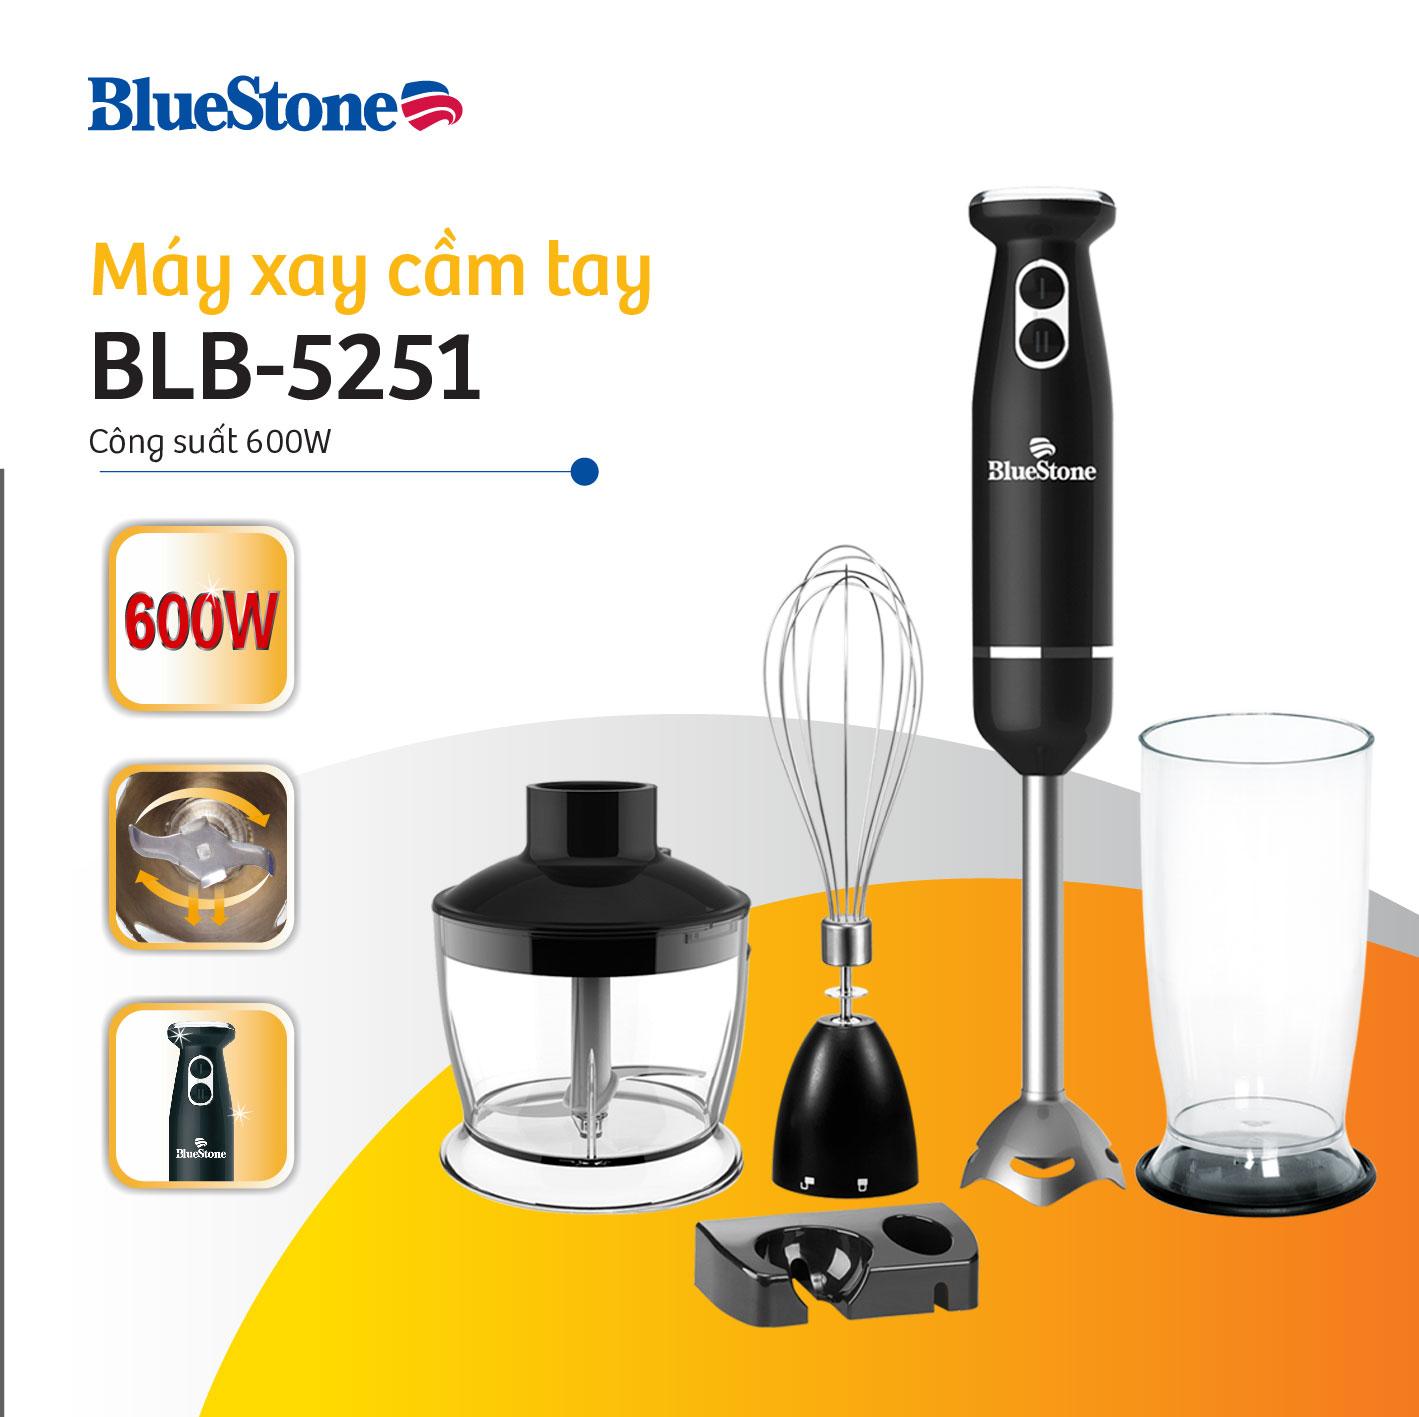 Máy xay cầm tay BlueStone BLB-5251 đa năng công suất 600W, 2 tốc độ xay